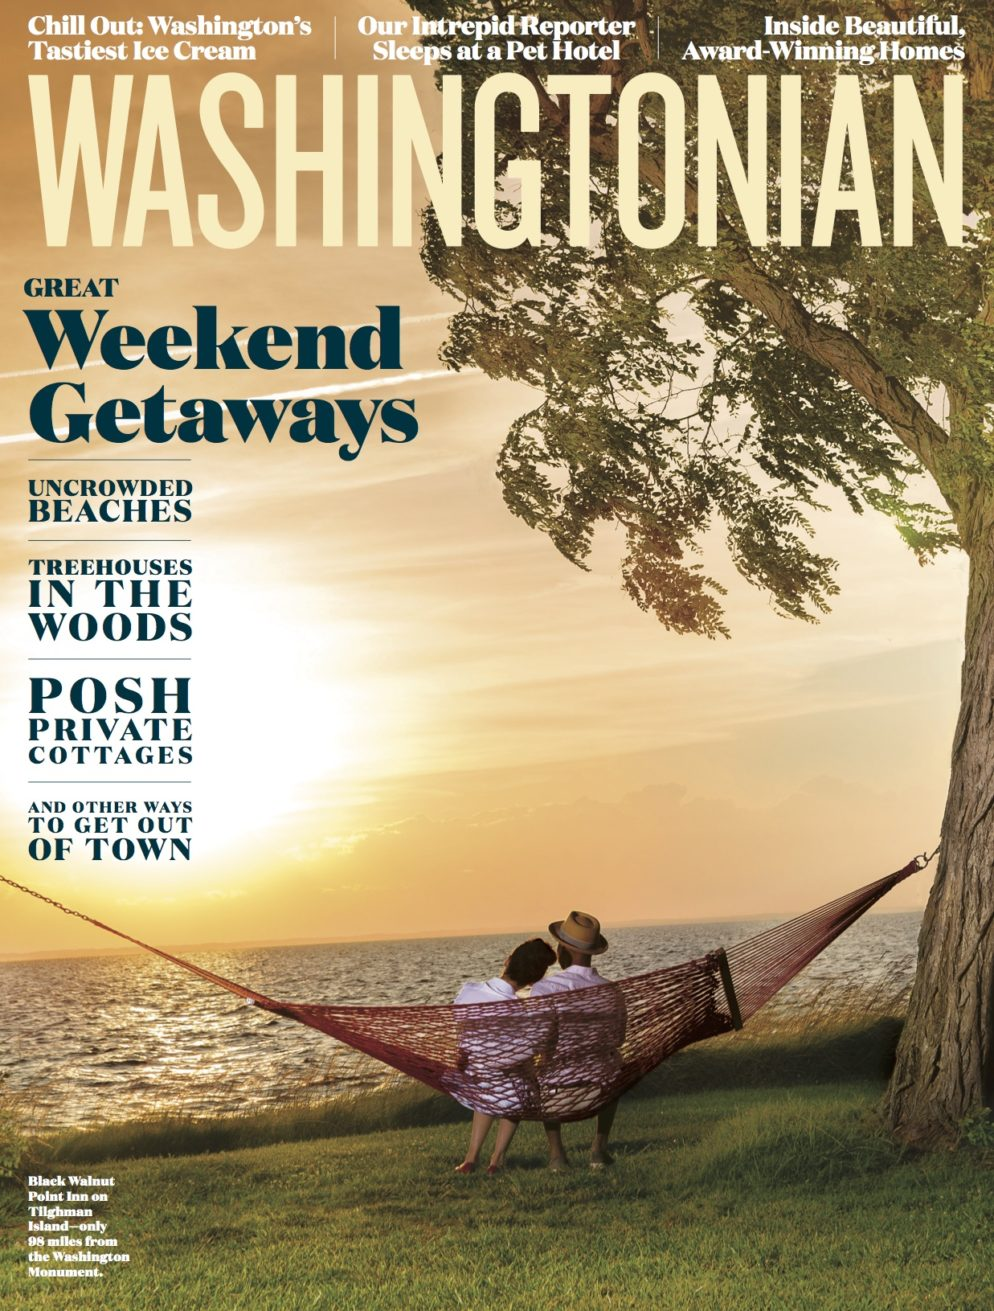 August 2017: Great Weekend Getaways